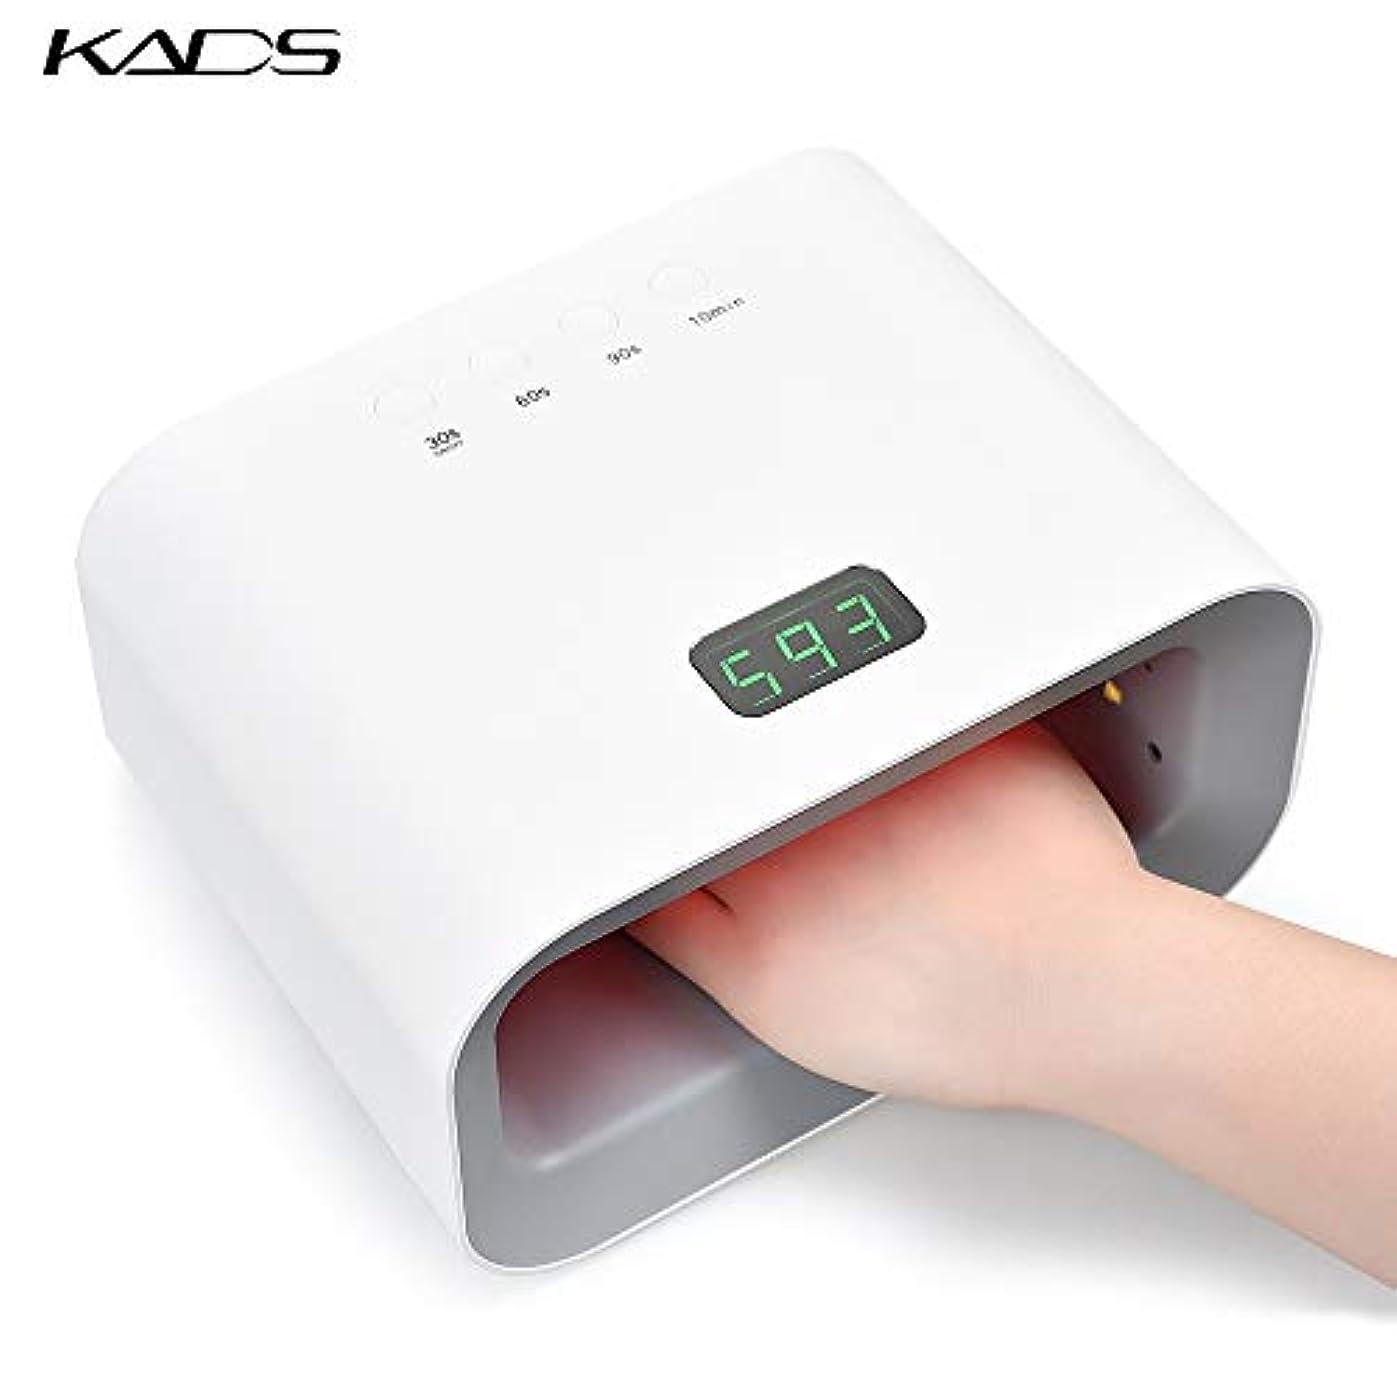 静かに調査墓地KADS LEDネイルドライヤー UV/LEDライト 90W 美白機能付き 3段階タイマー設定 高速硬化 硬化用ライト ランプ ジェルネイル用 赤外線検知